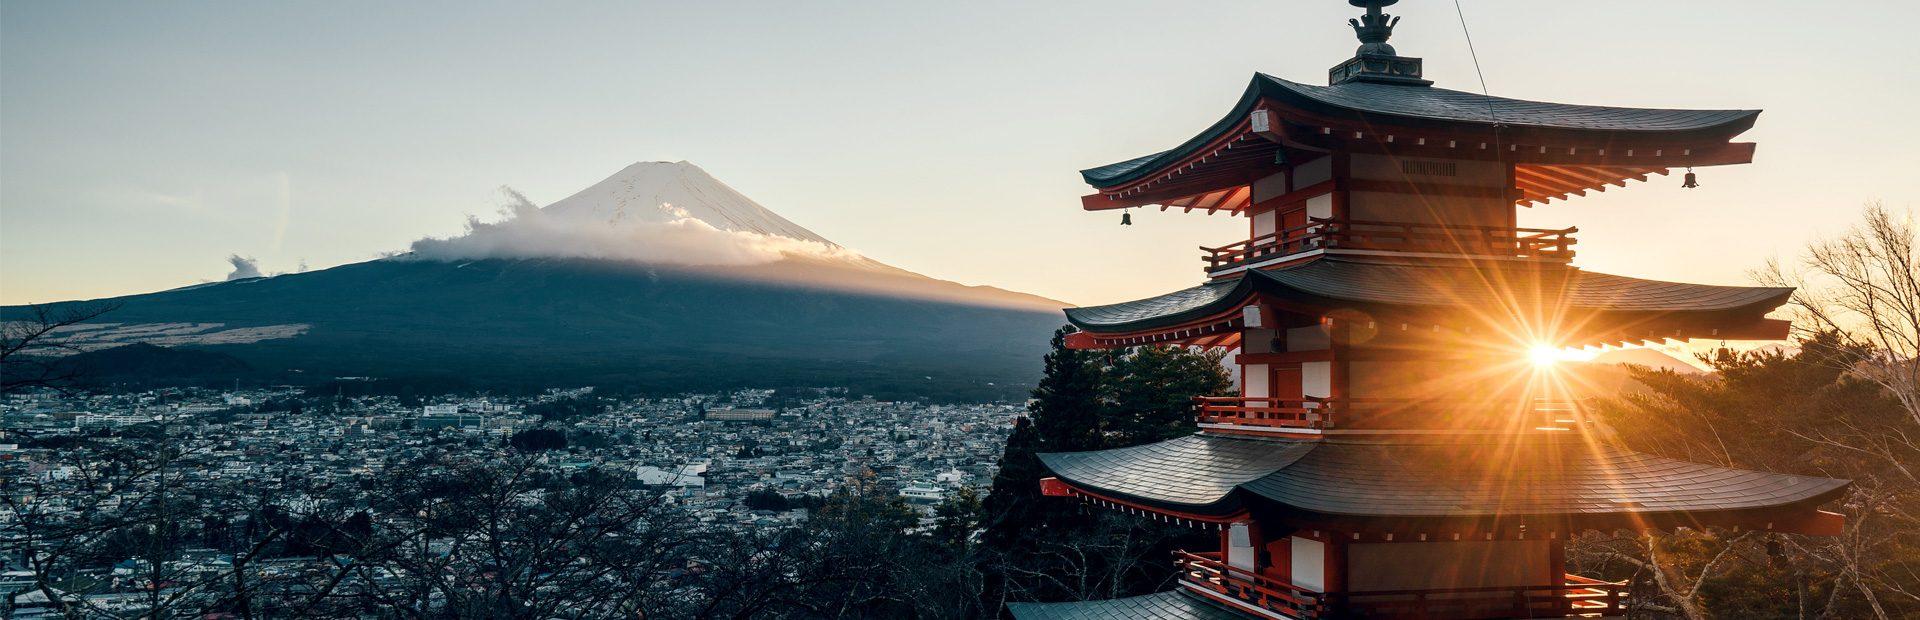 Japan Reisen mit erlebe Reisespezialisten in Deutschland buchen